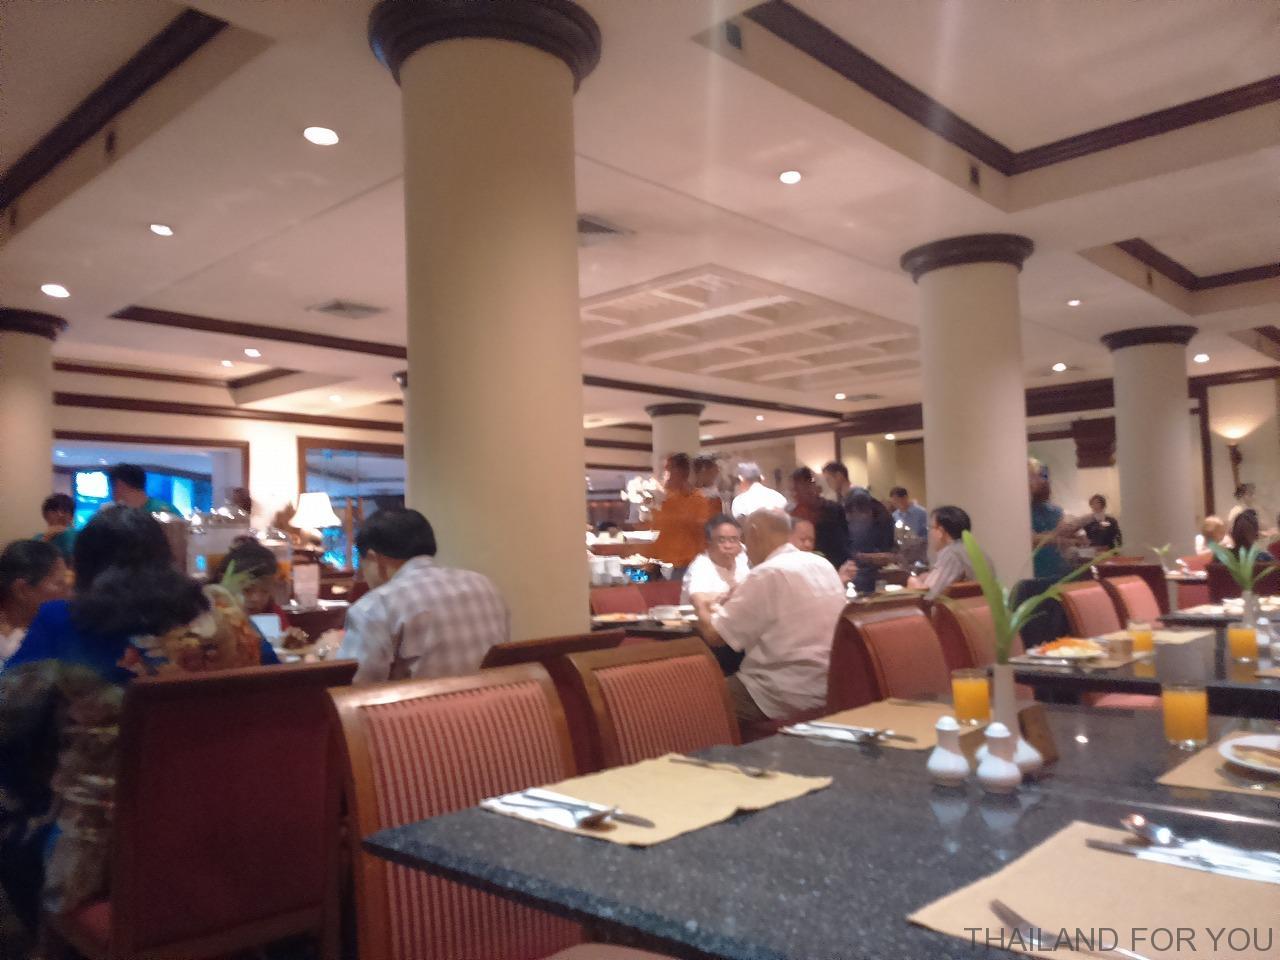 ワィアン イン ホテル (Wiang Inn Hotel) レストラン 写真